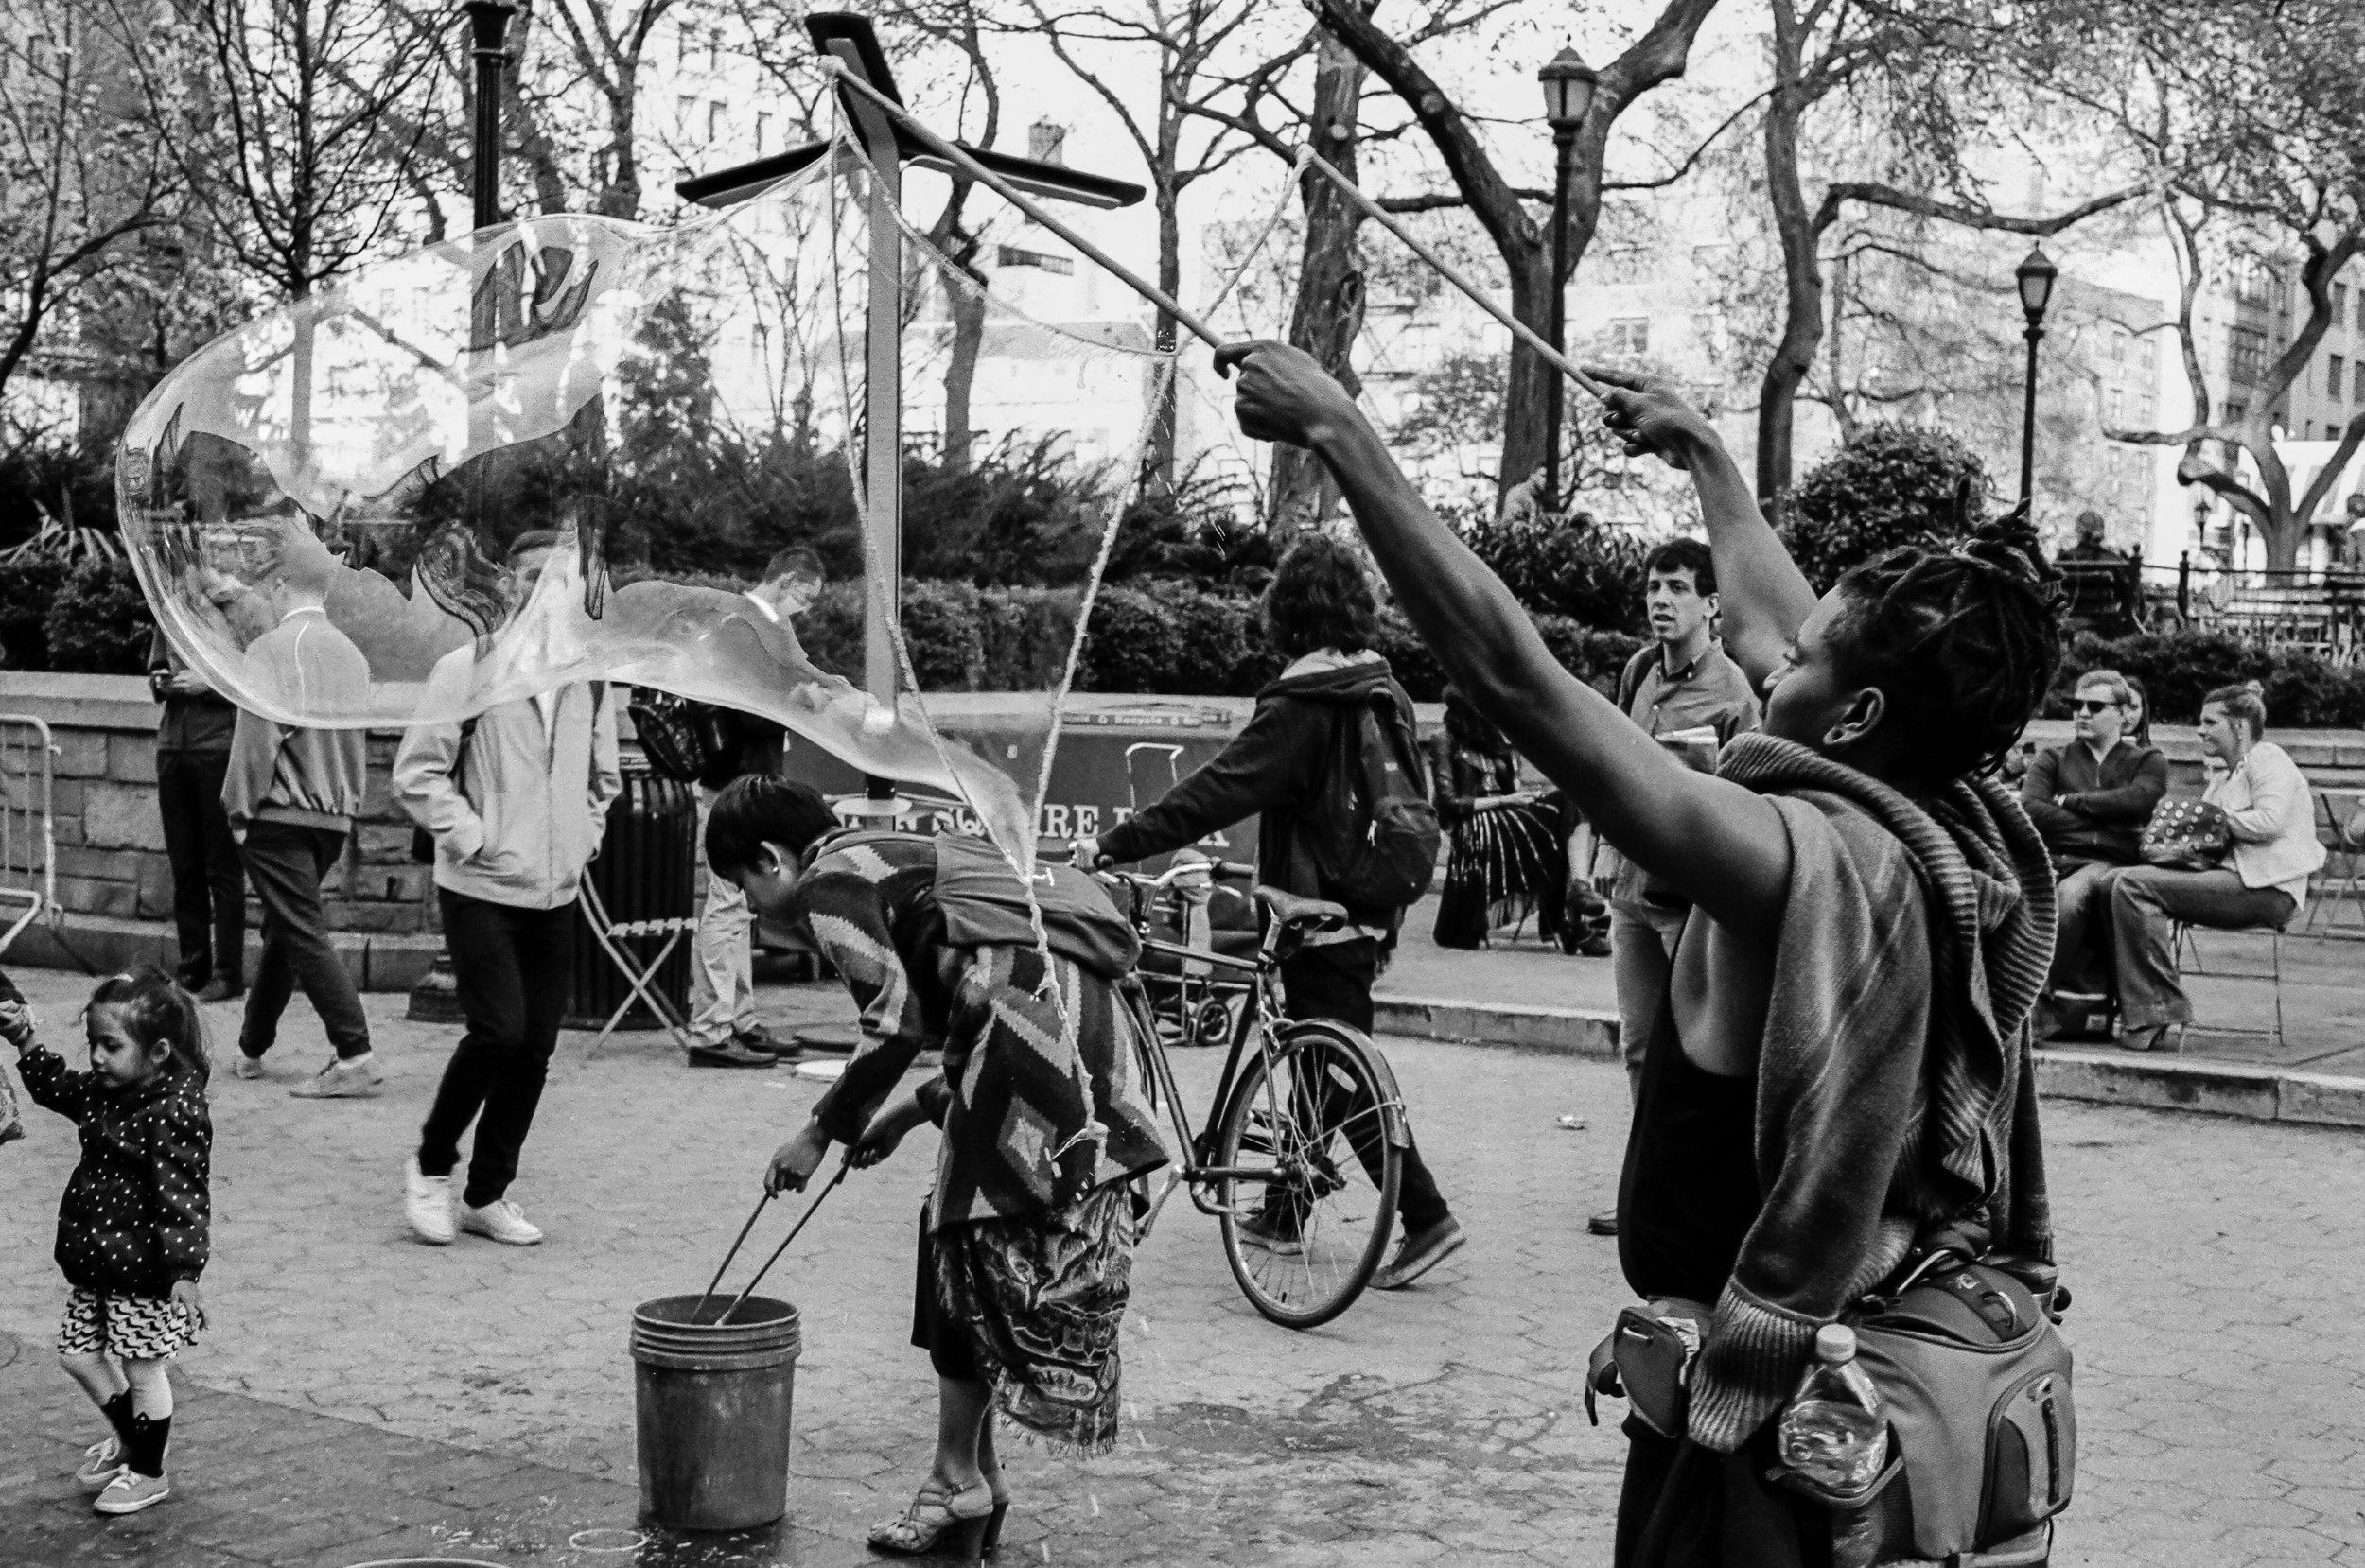 bubbles On The Wind   Leica M6   Summilux 50 1.4   TriX 400   Michael Fauscette